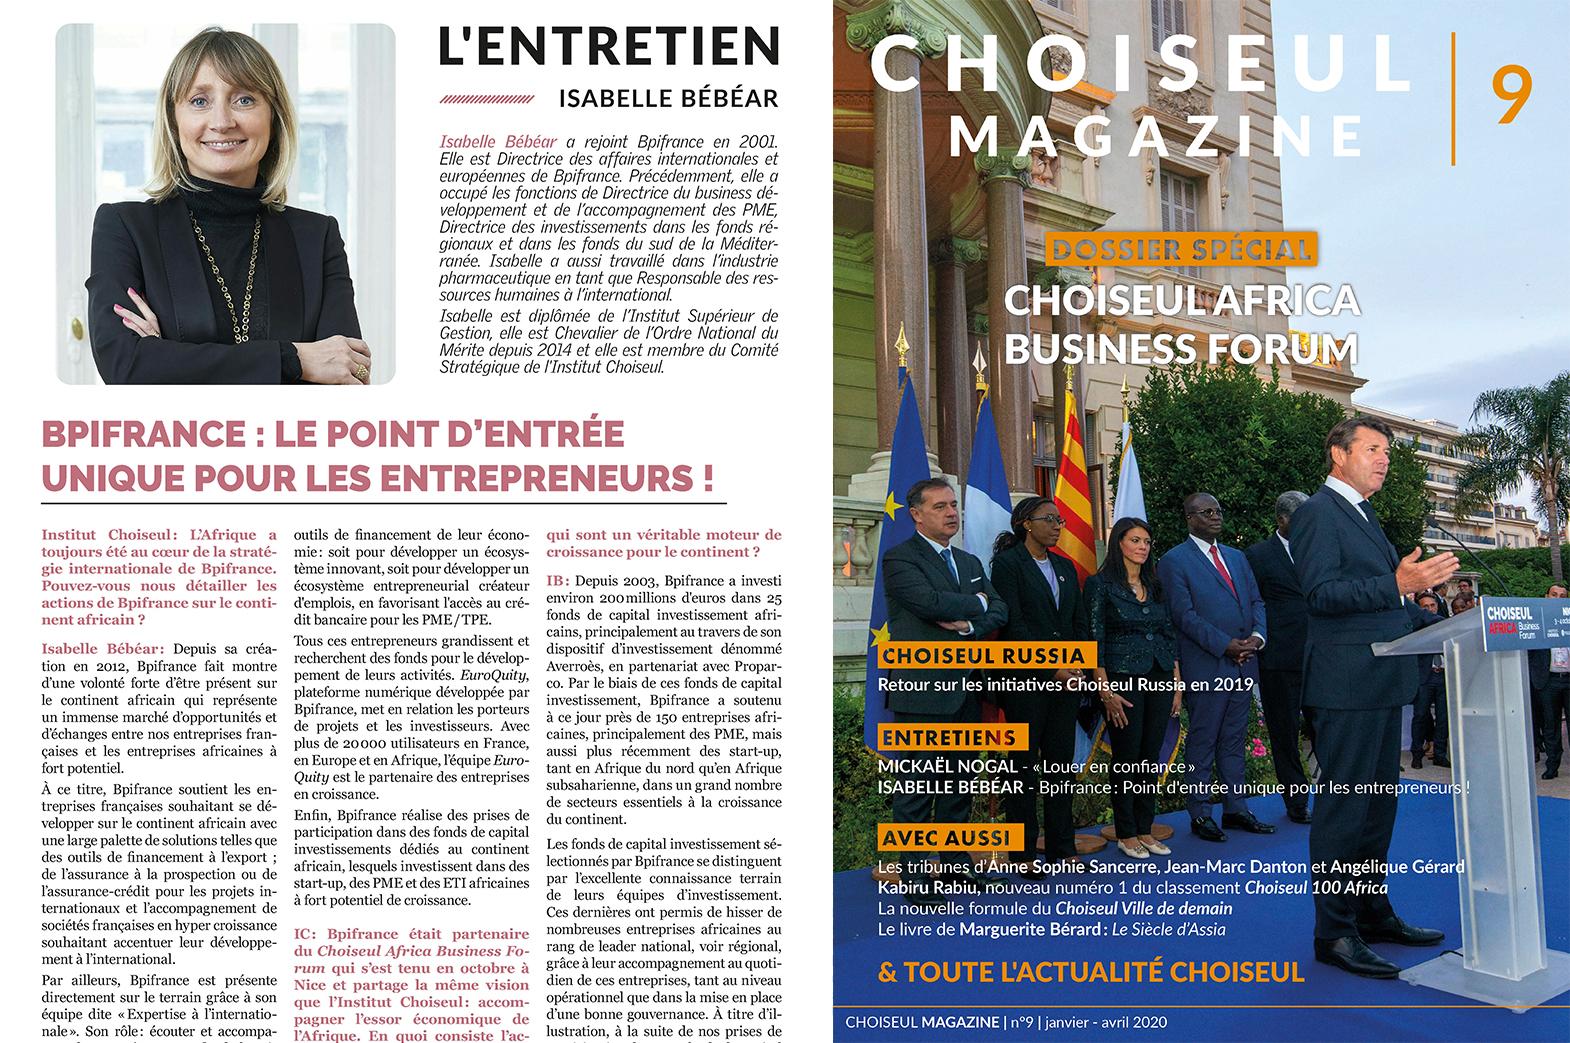 Choiseul Magazine – Bpifrance : le point d'entrée  unique pour les entrepreneurs ! Entretien avec Isabelle Bébéar